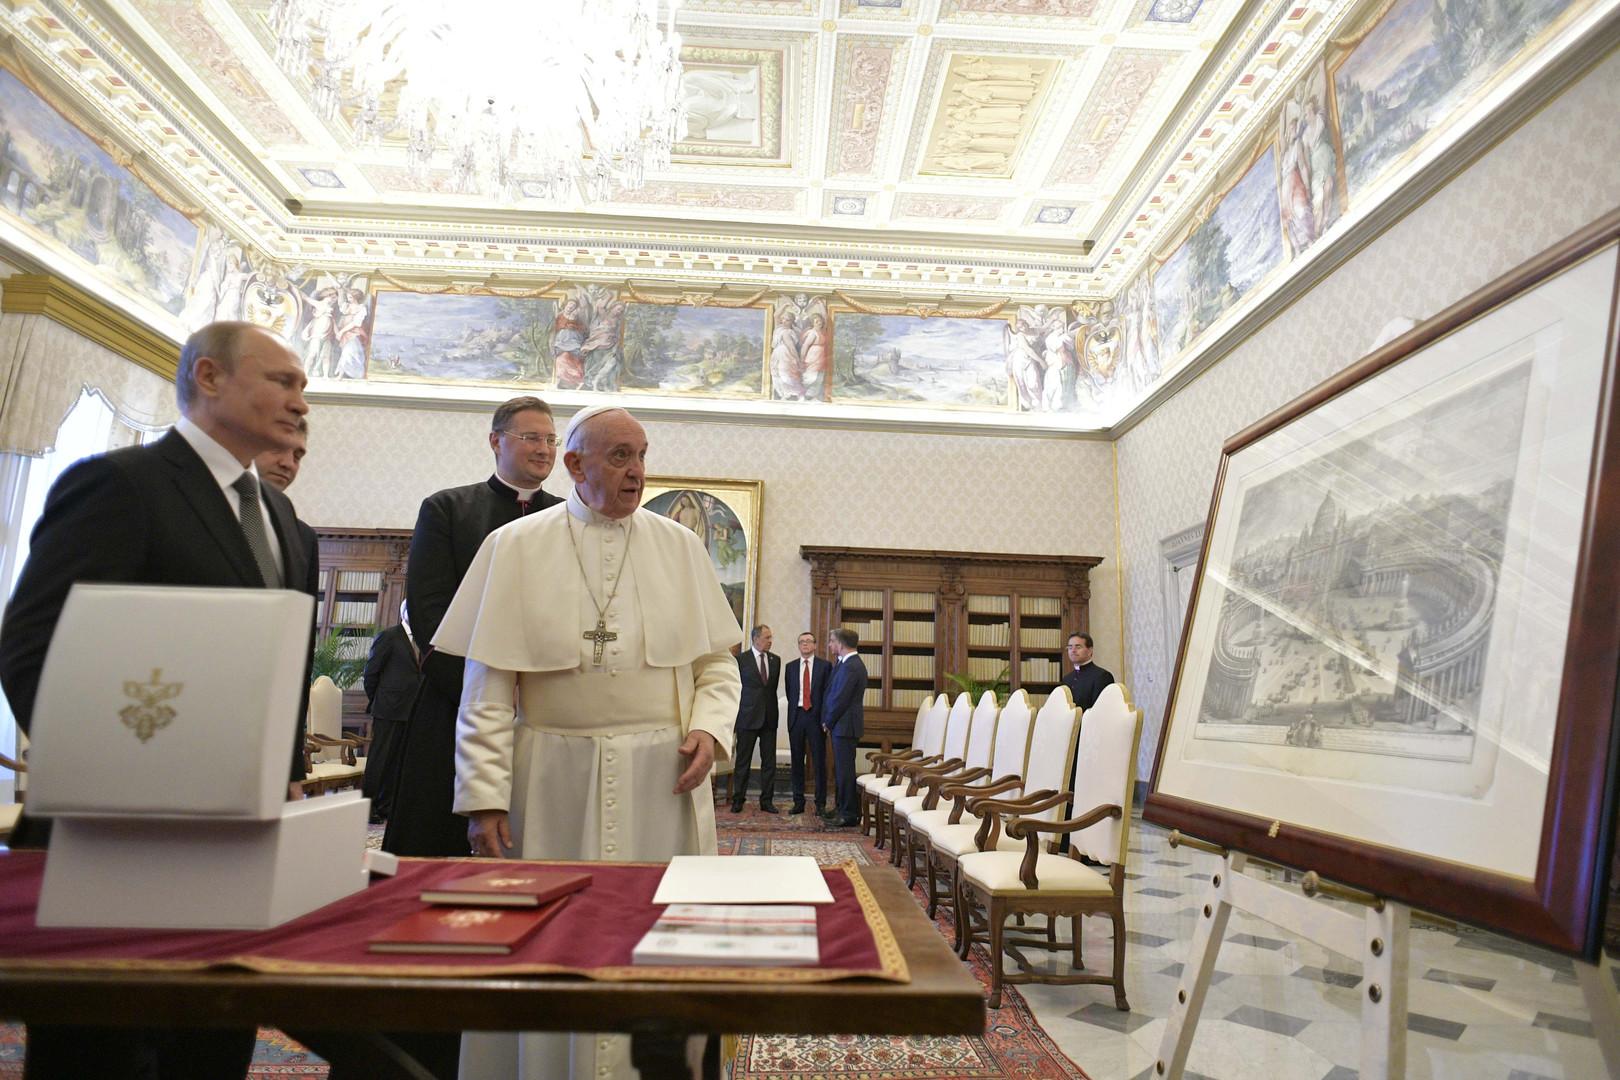 بوتين والبابا فرنسيس يتبادلان الهدايا